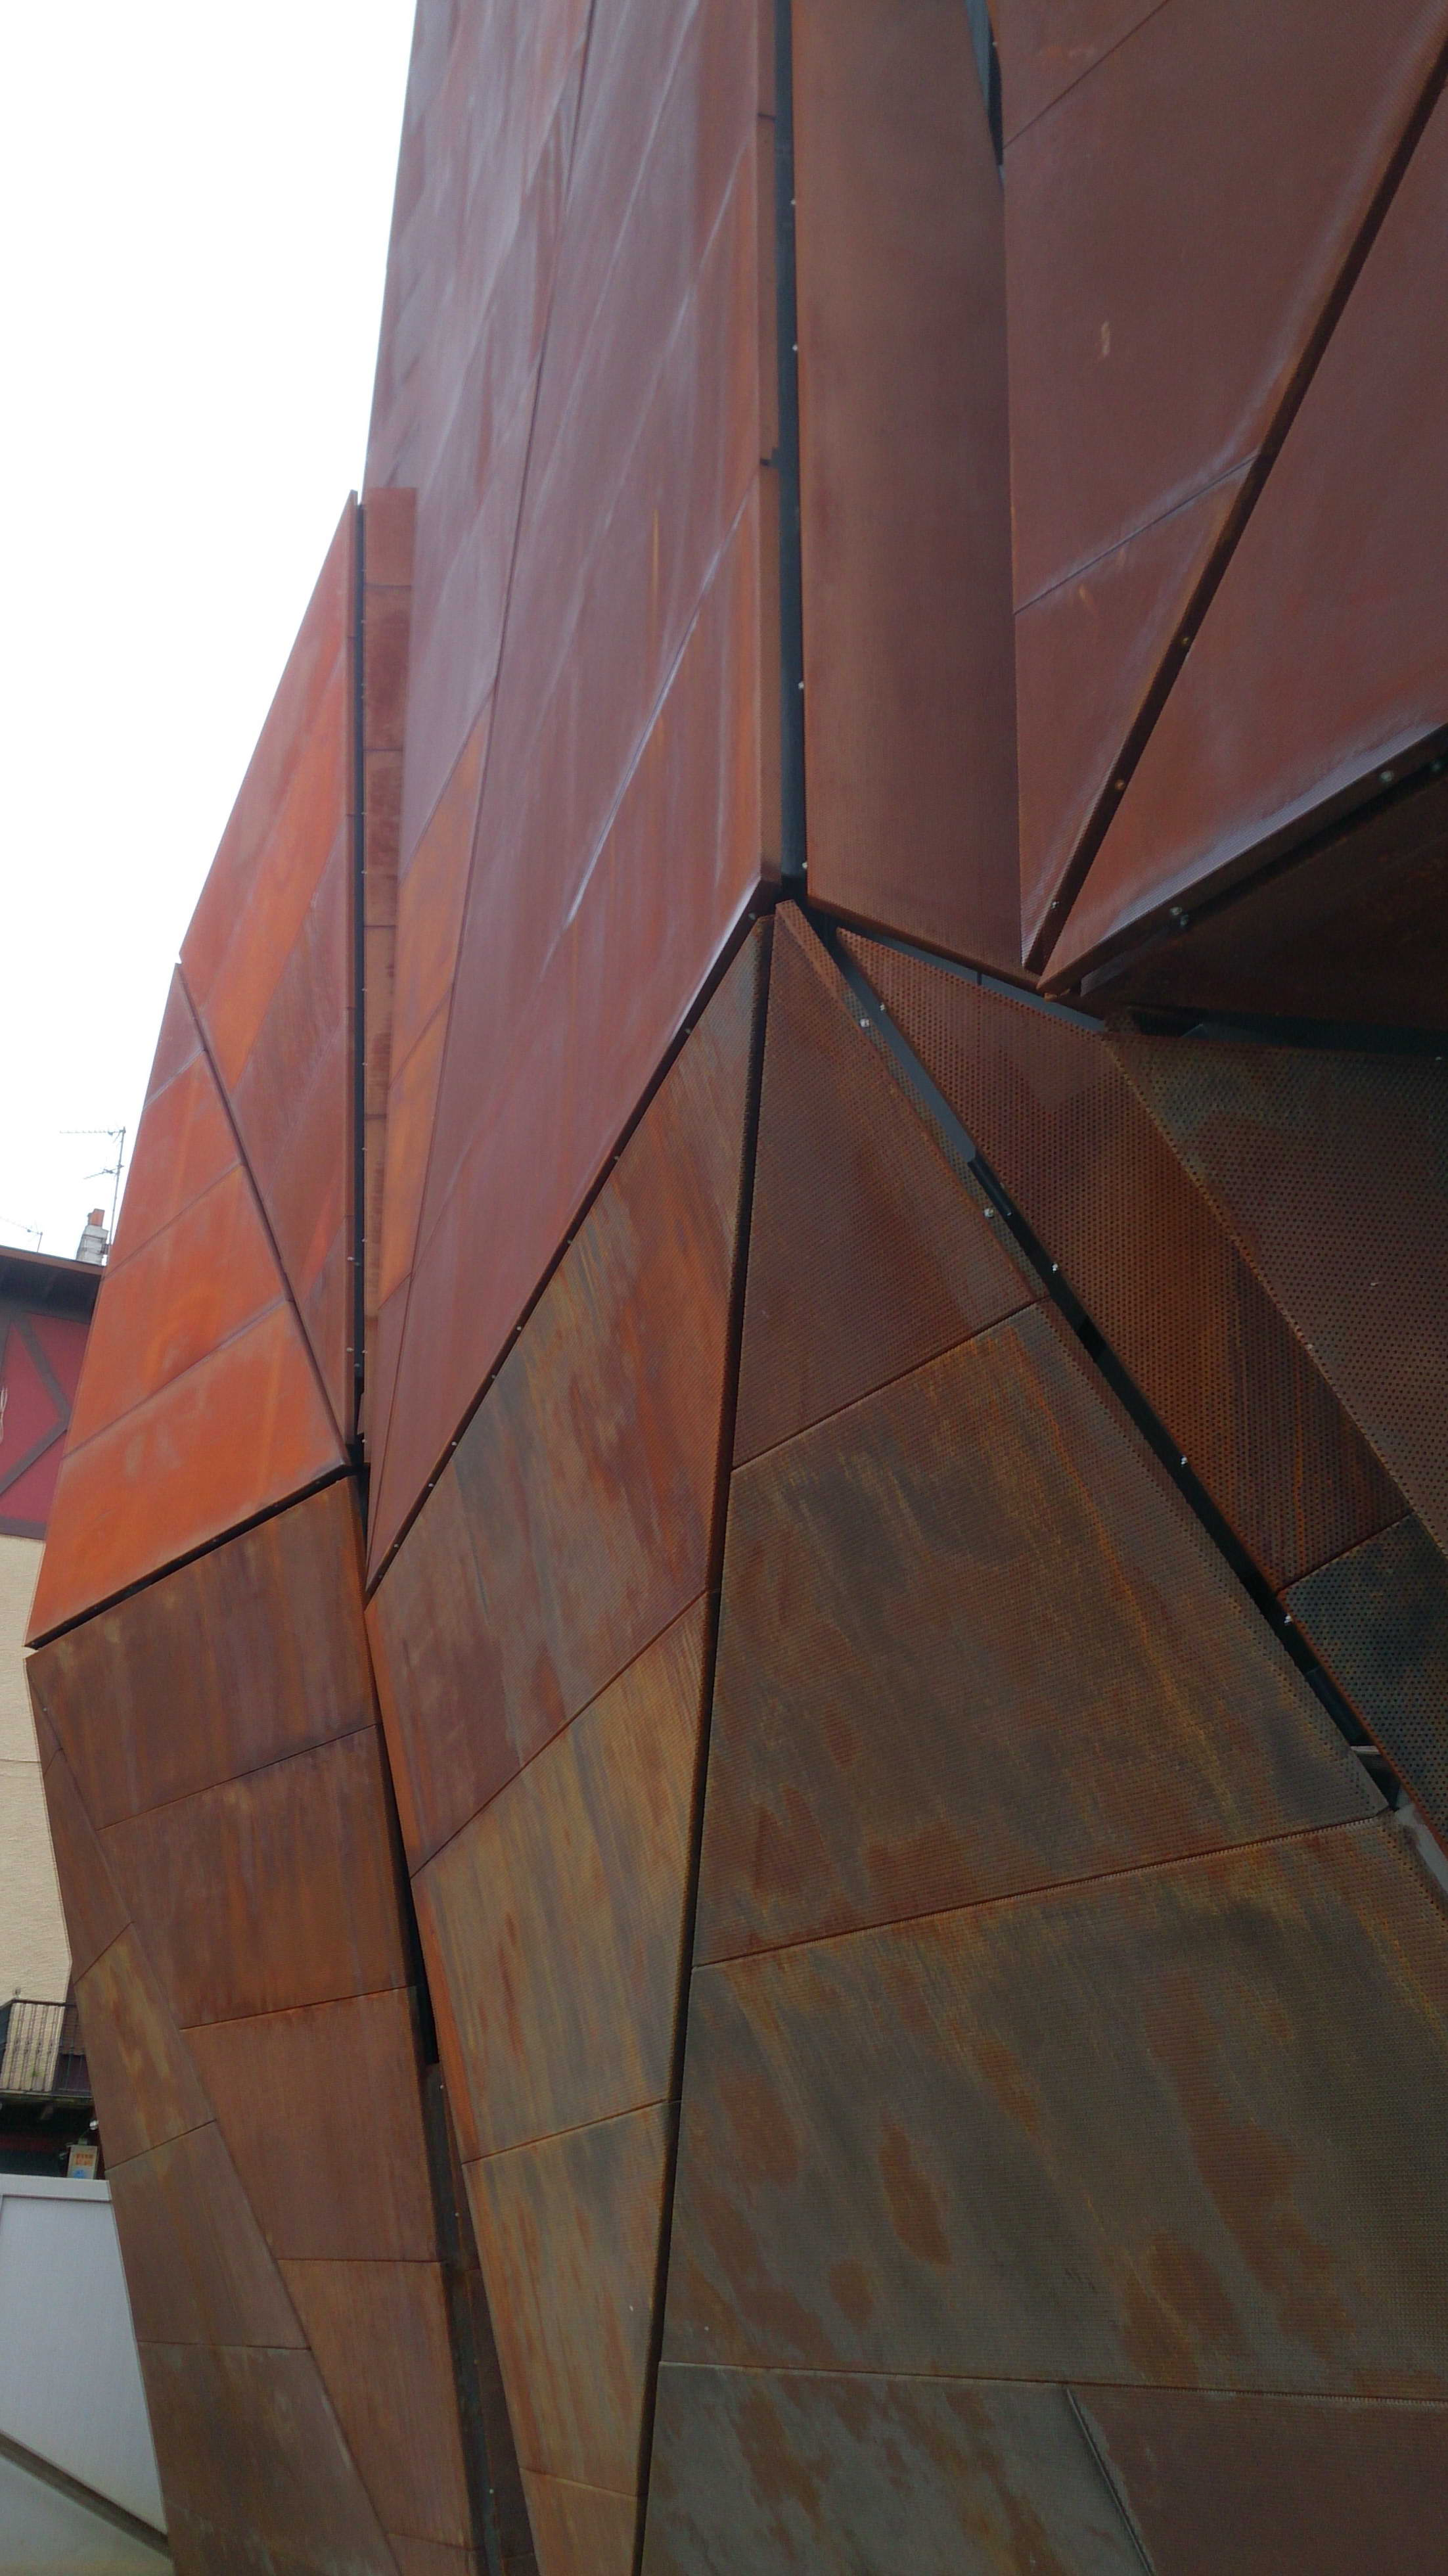 Detalle fachada Romo kultur Etxea